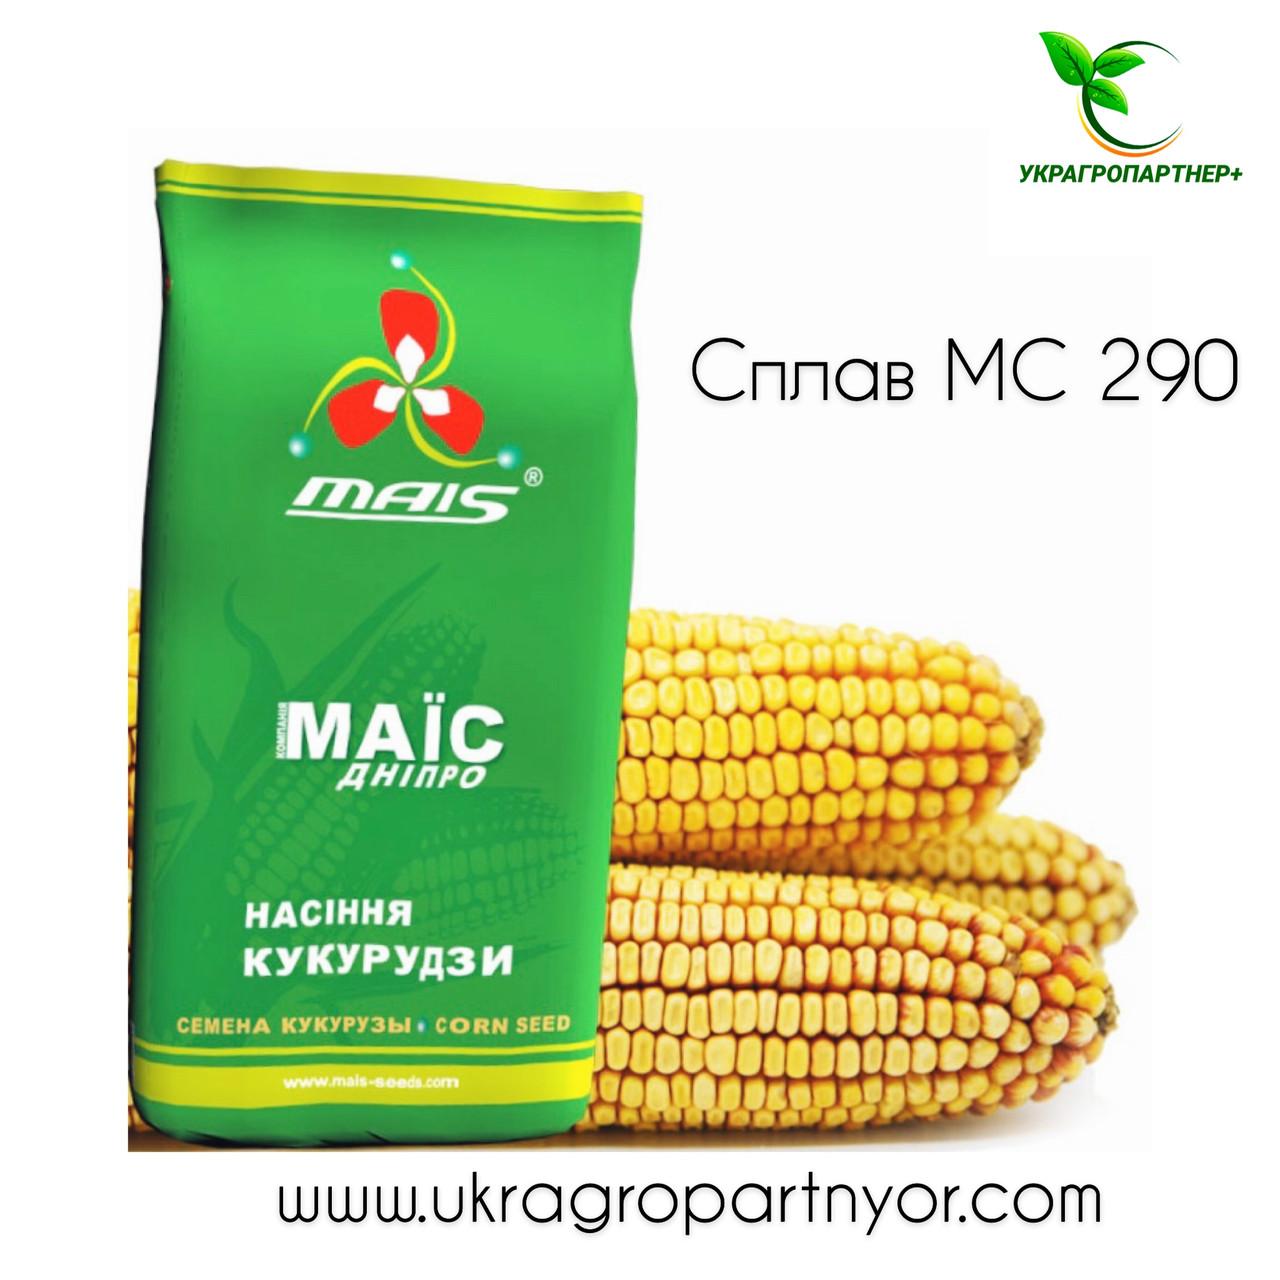 КУКУРУДЗА СПЛАВ МС 290 (ФАО - 290) фр.2 2020 р. в. (МАЇС Синельникове)